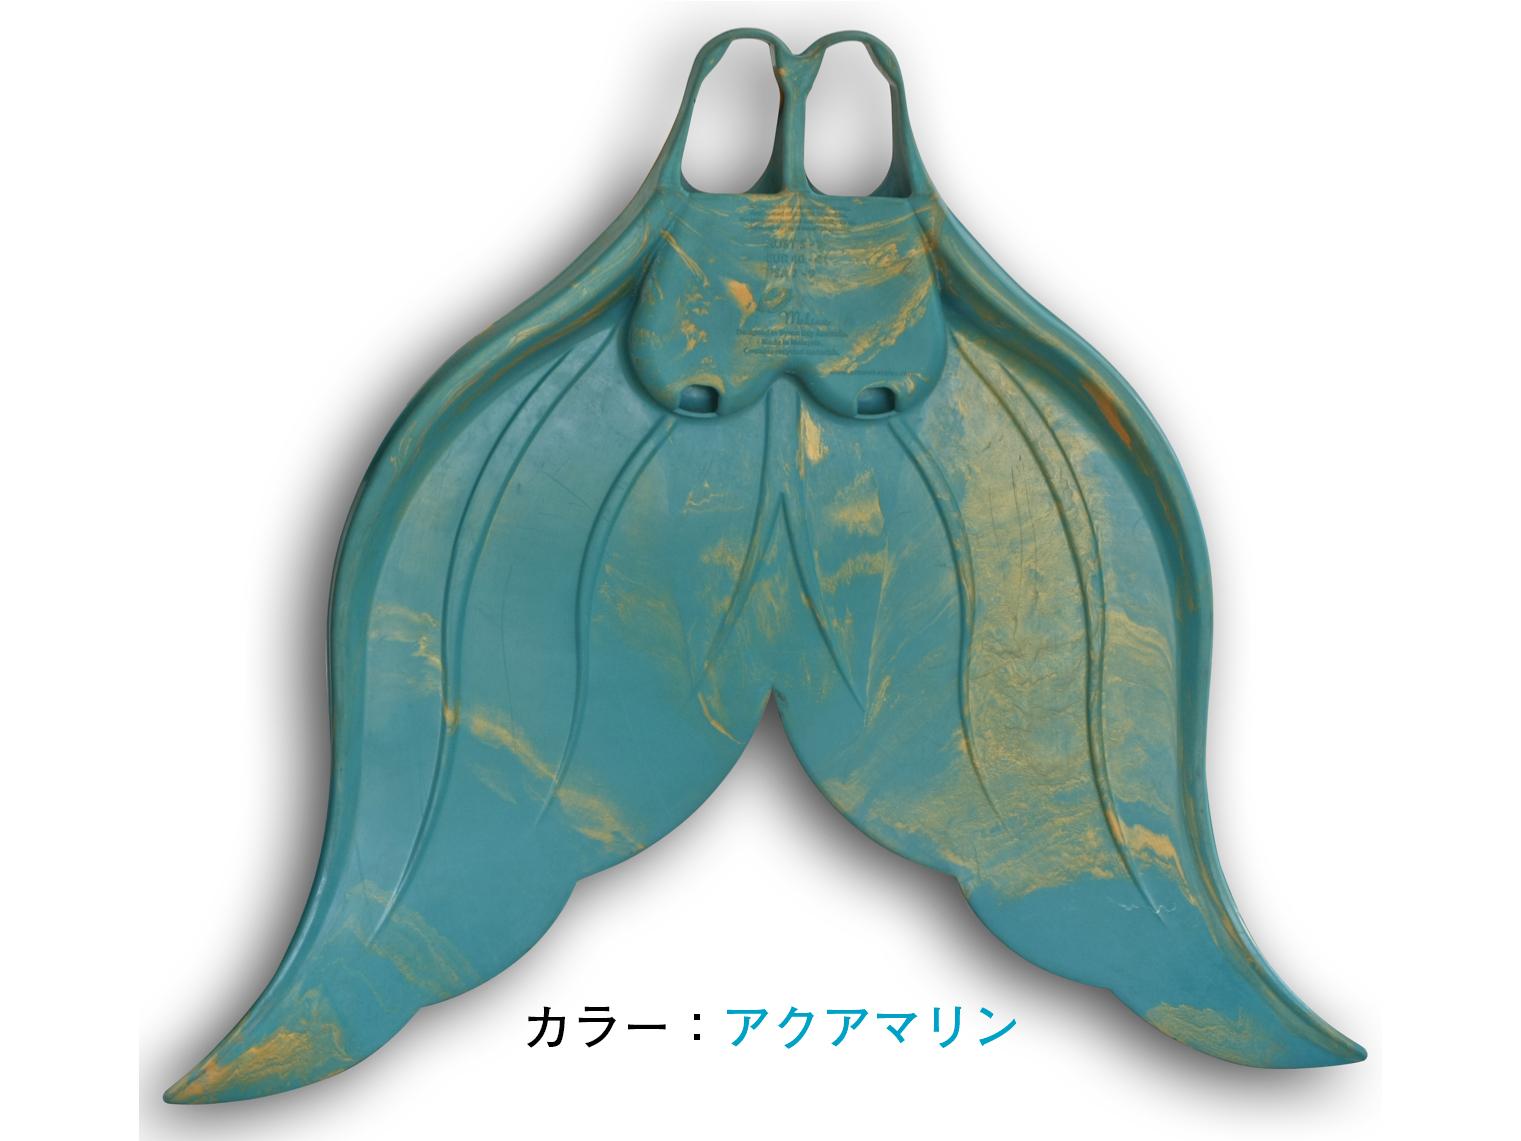 Mahina Junior Merfins【マヒナ】ジュニア・マーフィン《ジュニア用》